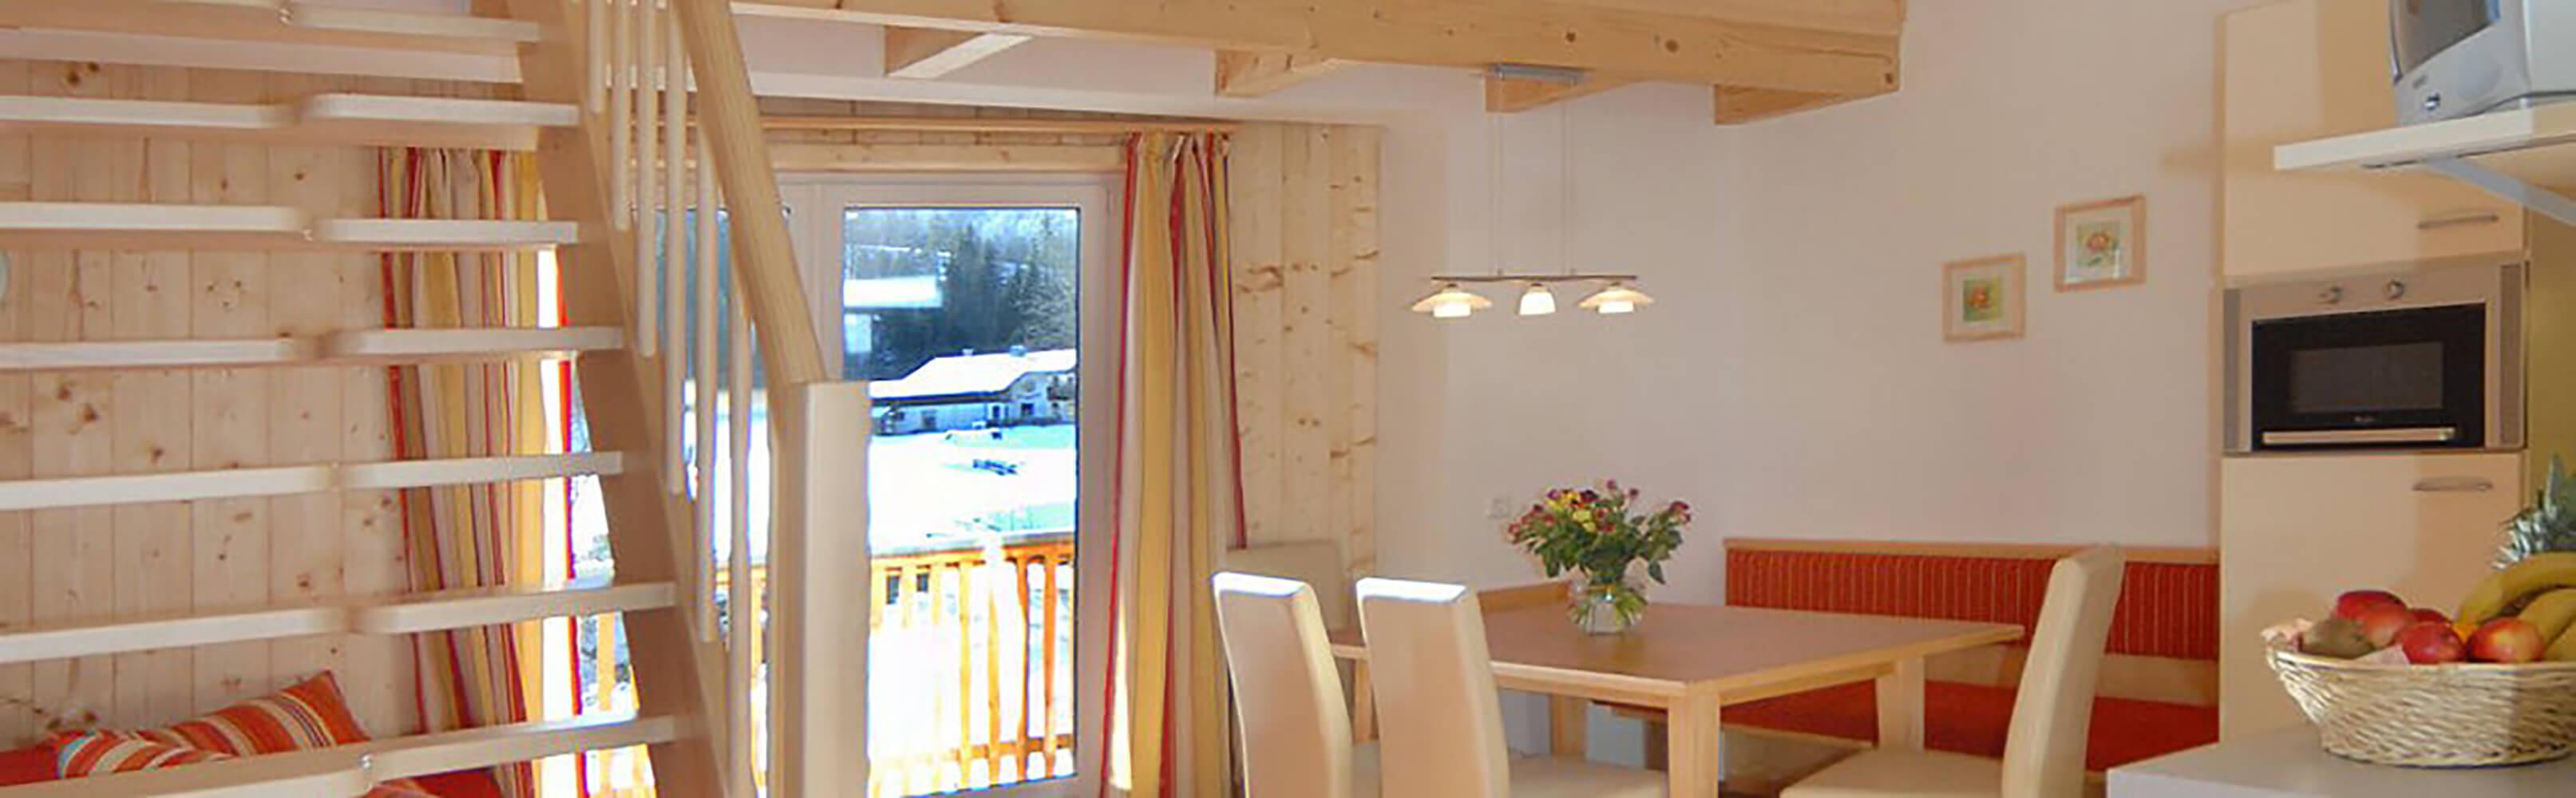 Familienfreundliche Apartments im Salzburger Land 1